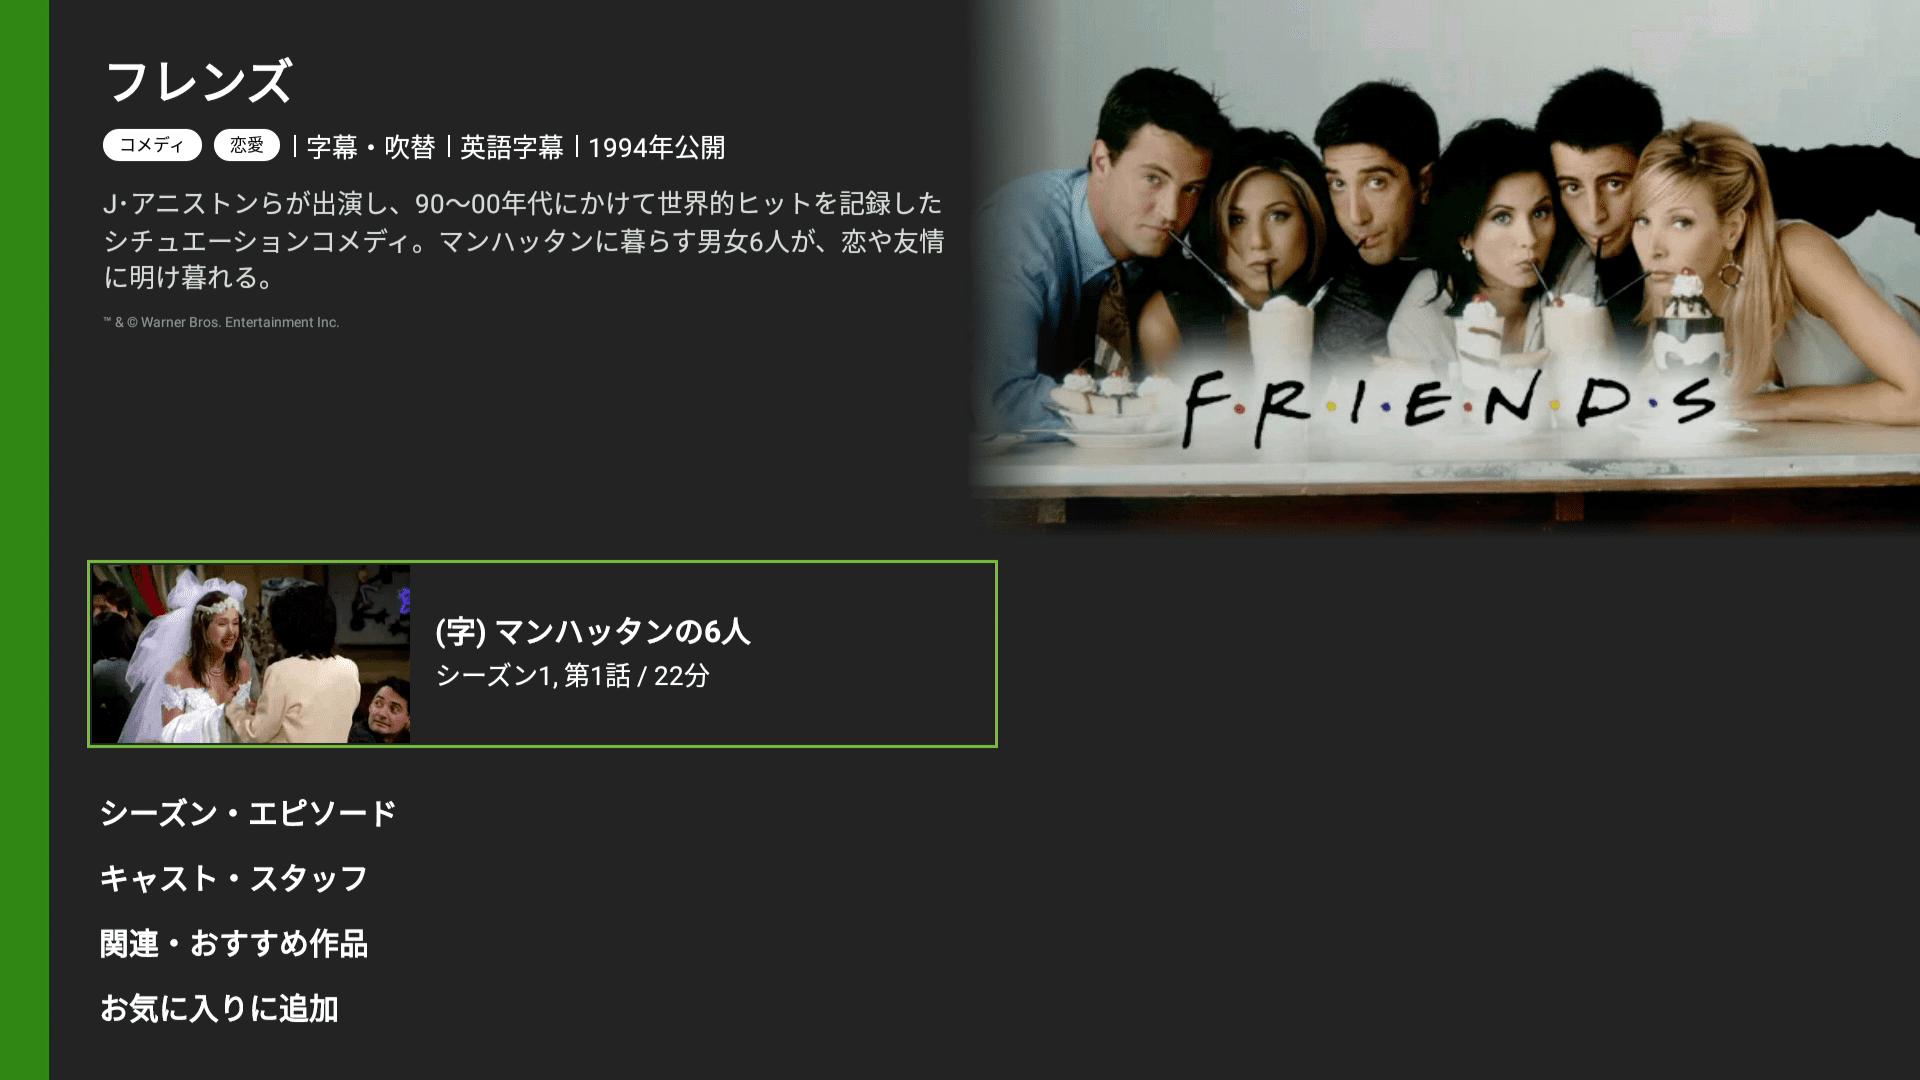 【海外ドラマ「フレンズ」Hulu録画】動画配信サービスでフレンズ・シーズン1~シーズン10最終話まで無料録画する方法|Huluは全エピソード見放題!|録画方法:OBS Studioで動画を録画する